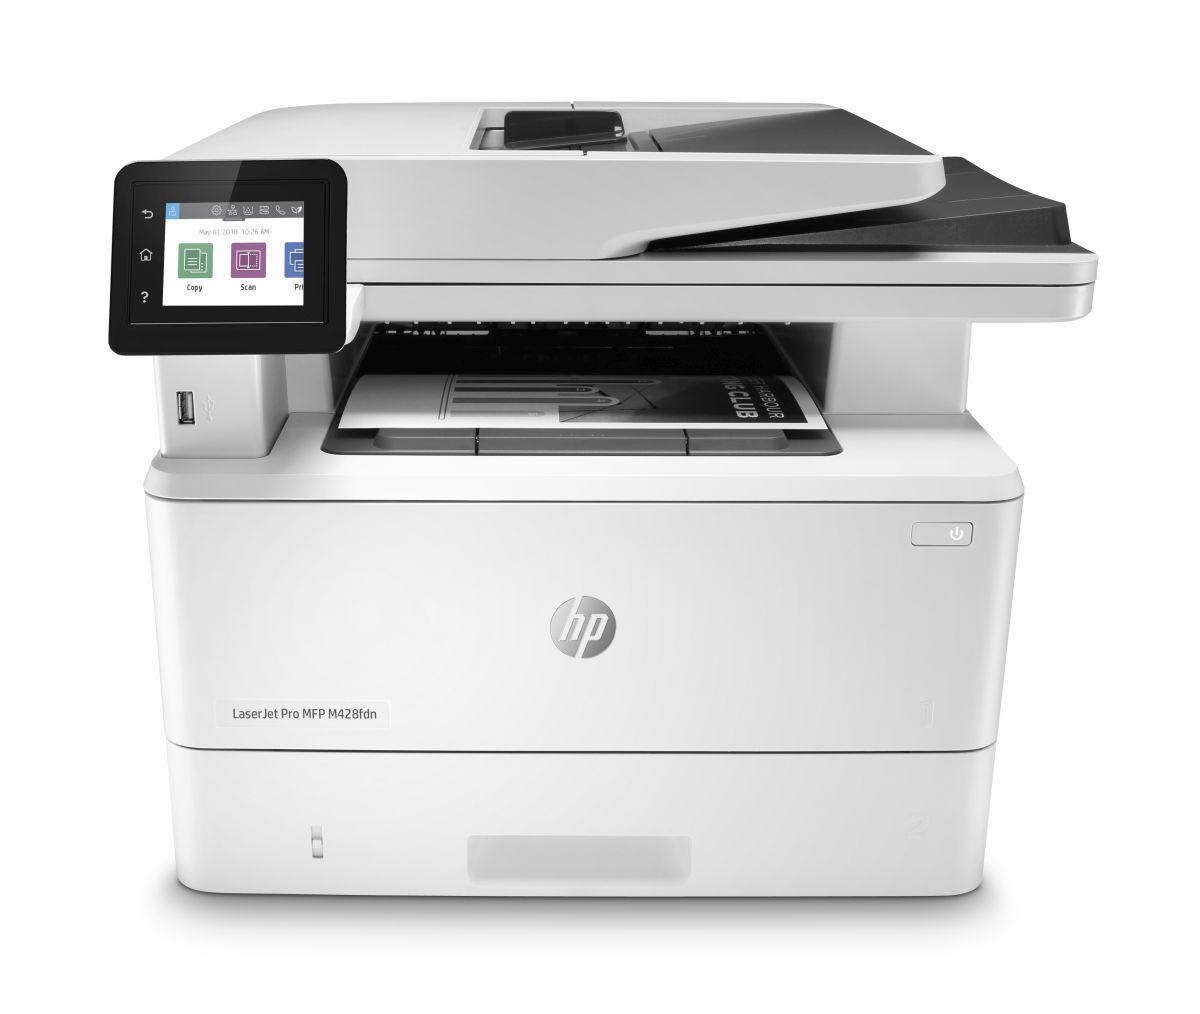 HP LaserJet Pro MFP M428fdn (W1A29A#B19)